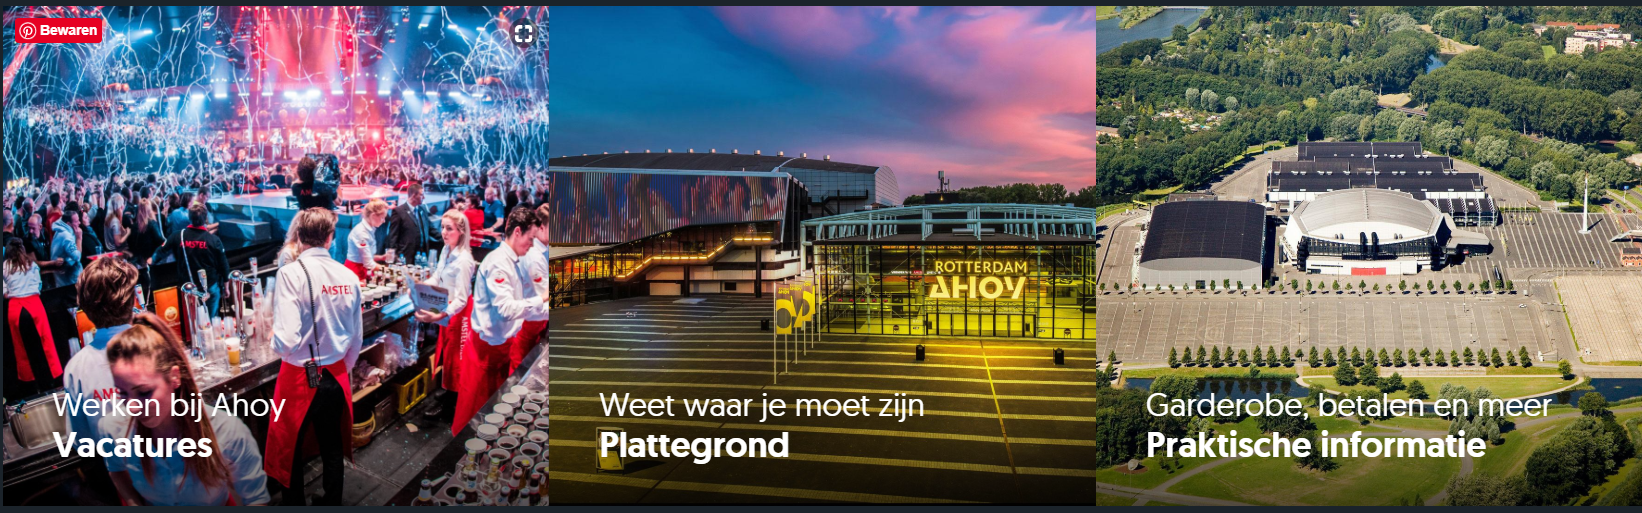 Rotterdam Ahoy reorganiseert en schrapt 108 banen